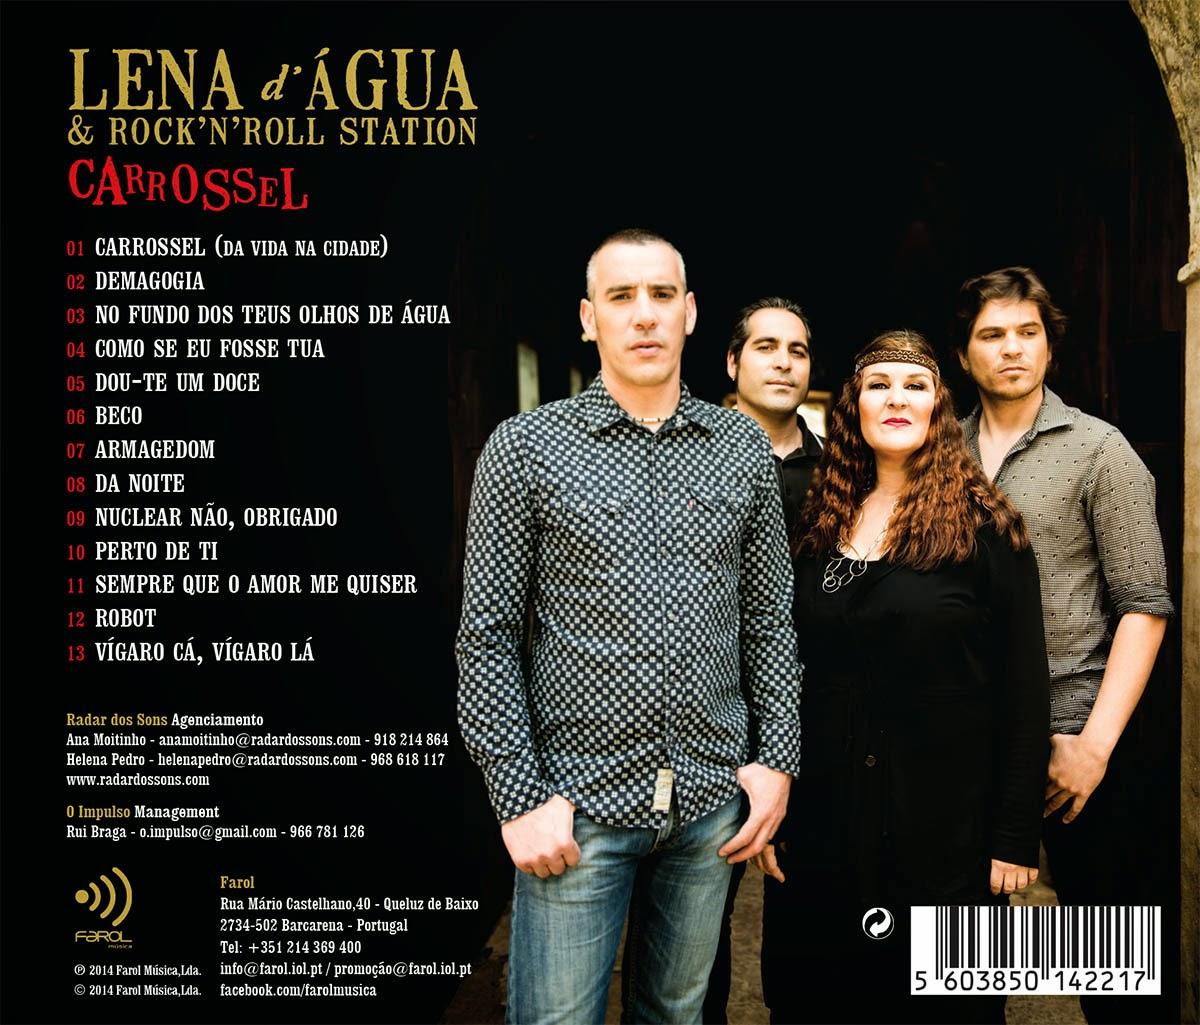 Lena d´Água & Rock 'n' Roll Station - Carrossel (2014)  INLAY+LENA+AGUA1200+(1)